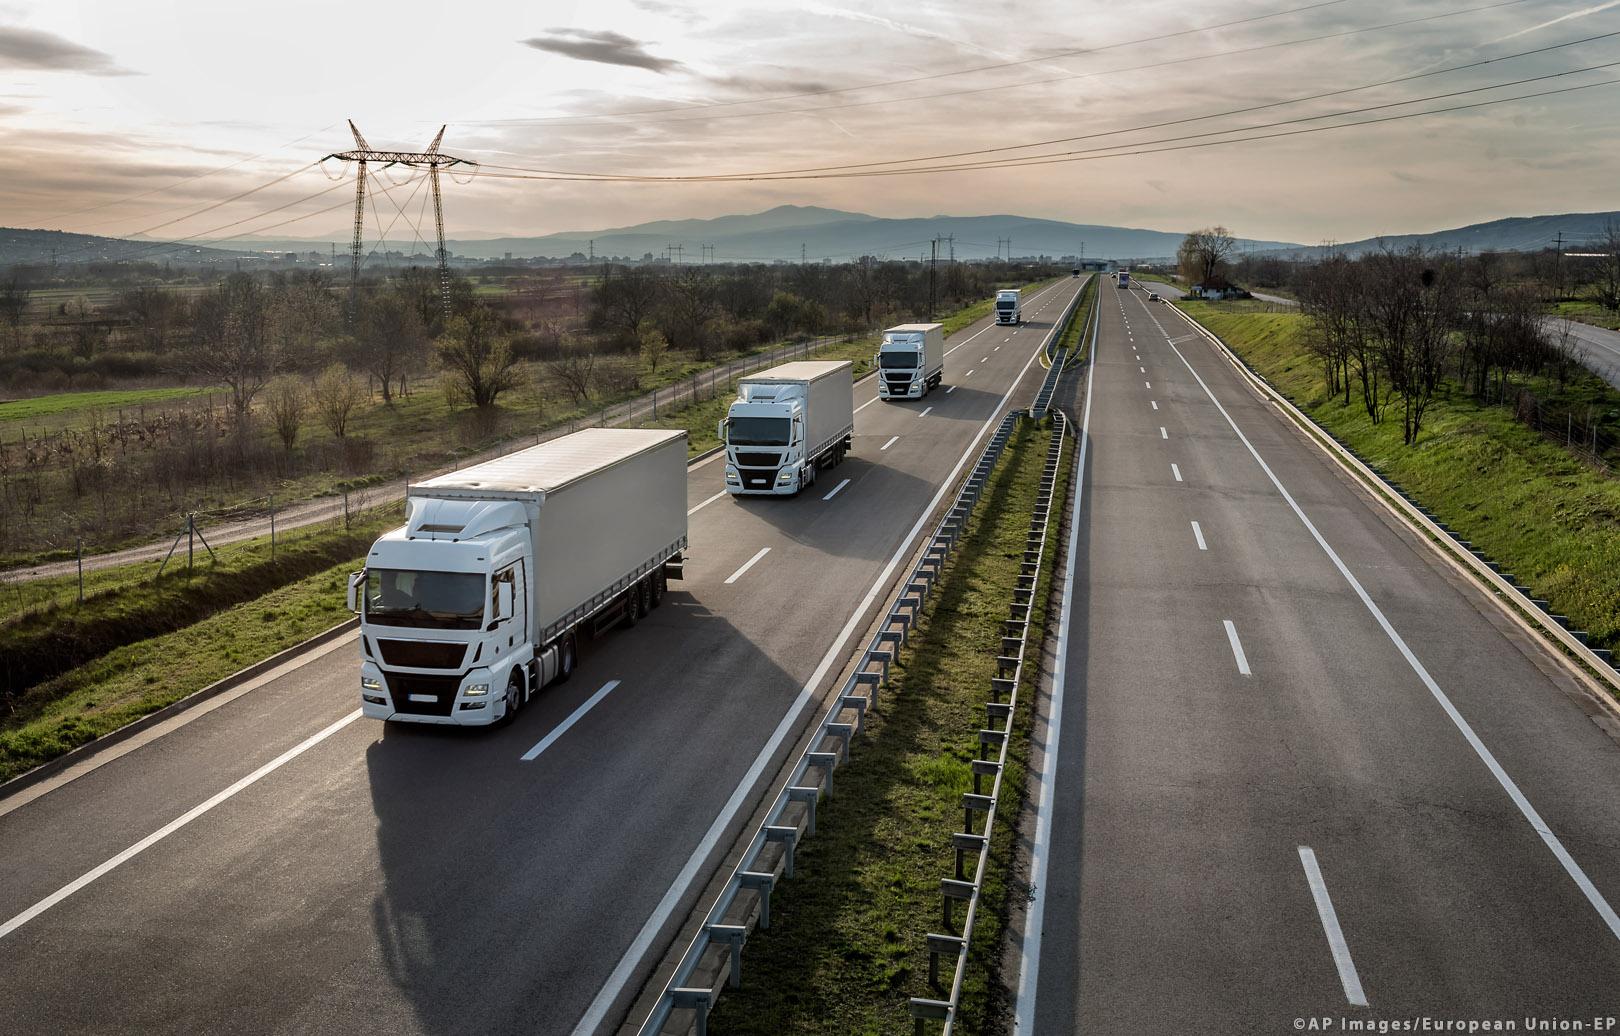 Közúti fuvarozói toplista 2018: egyre többen hagynak fel a nemzetközi fuvarozással